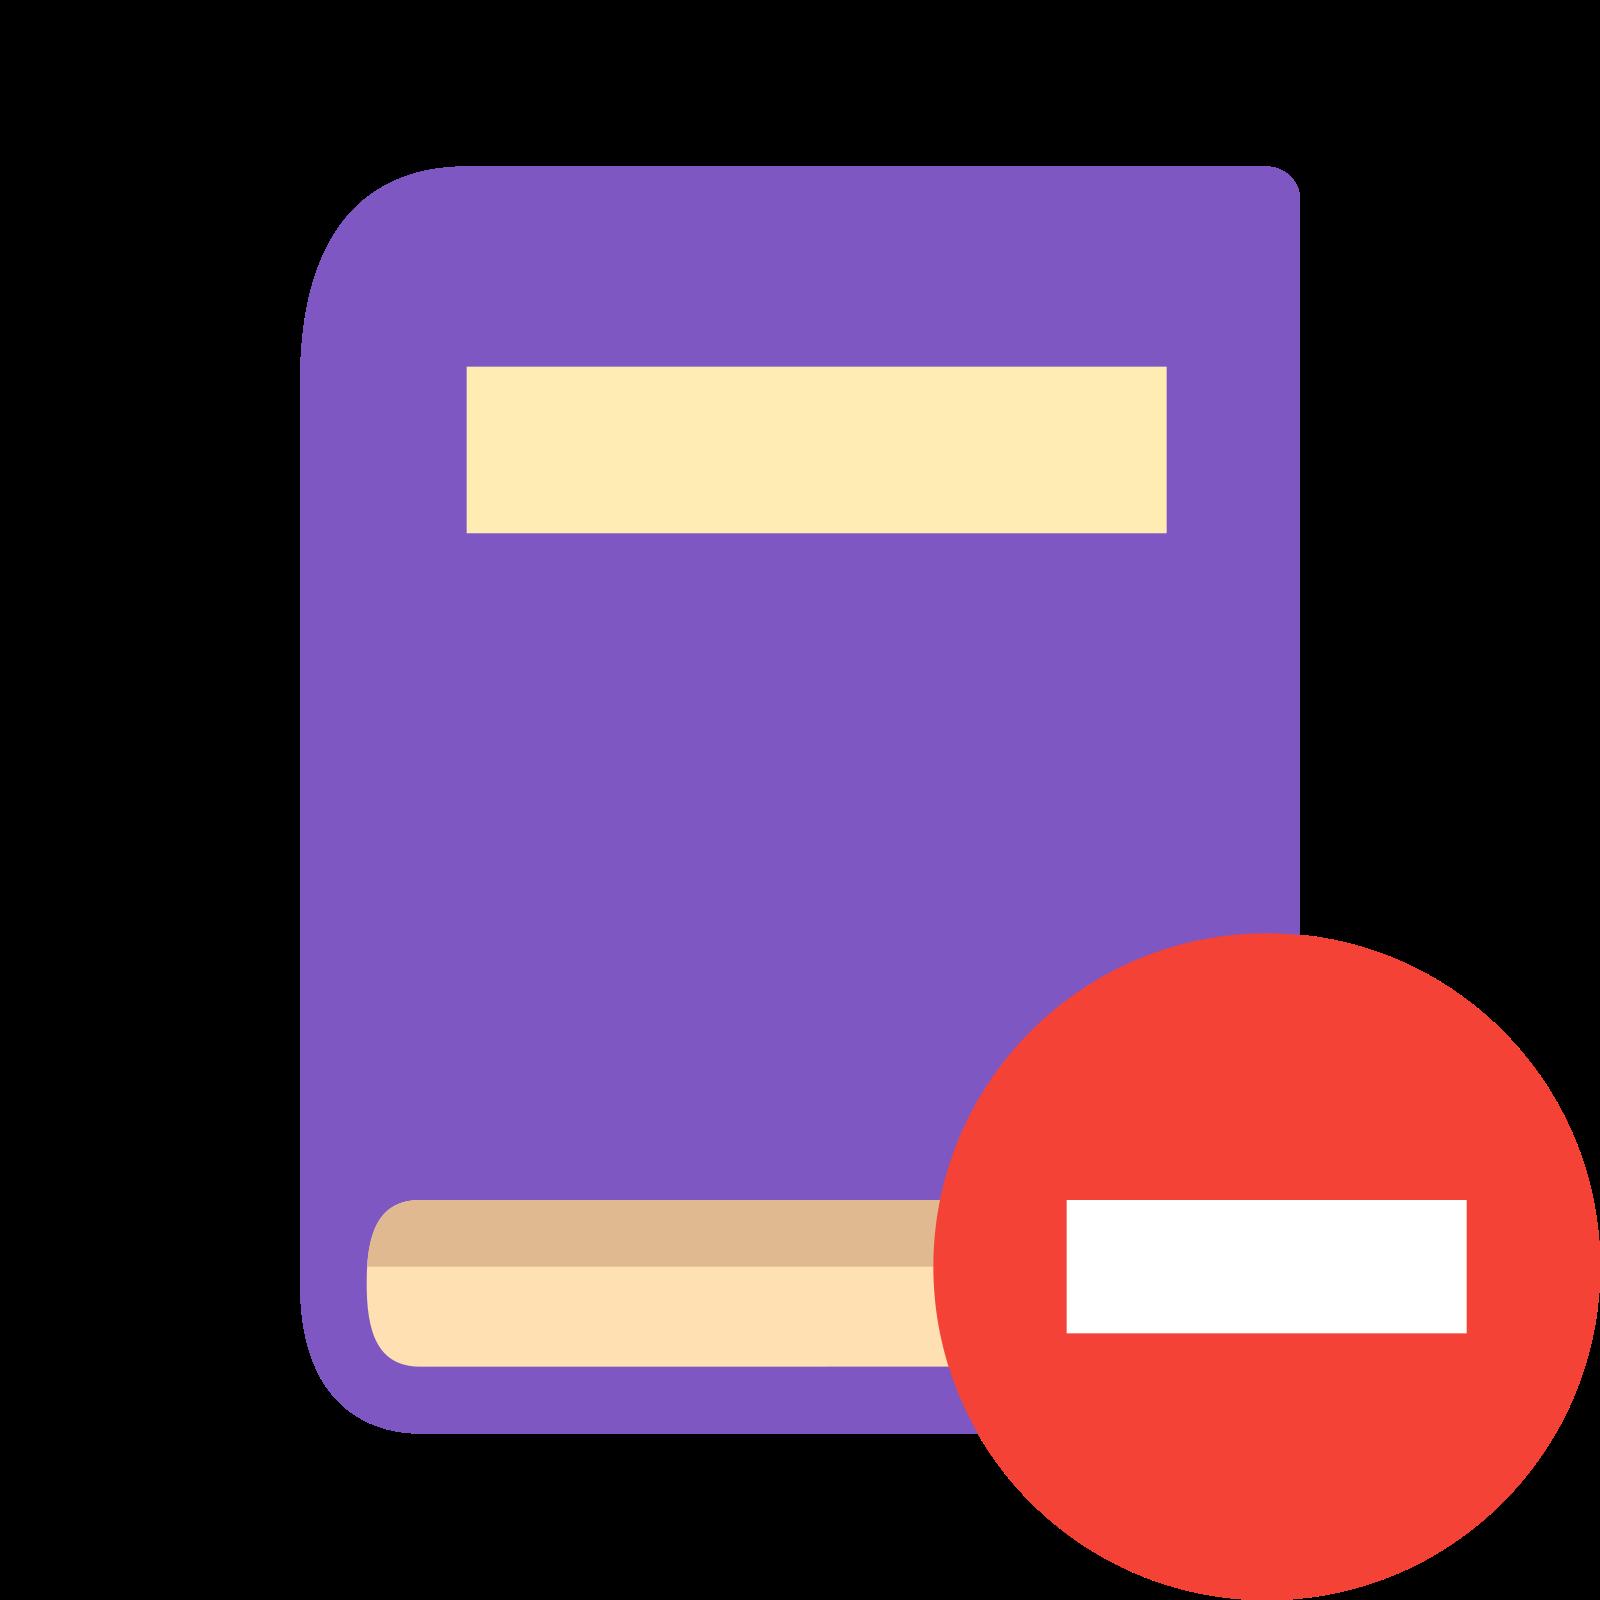 Remove Book icon